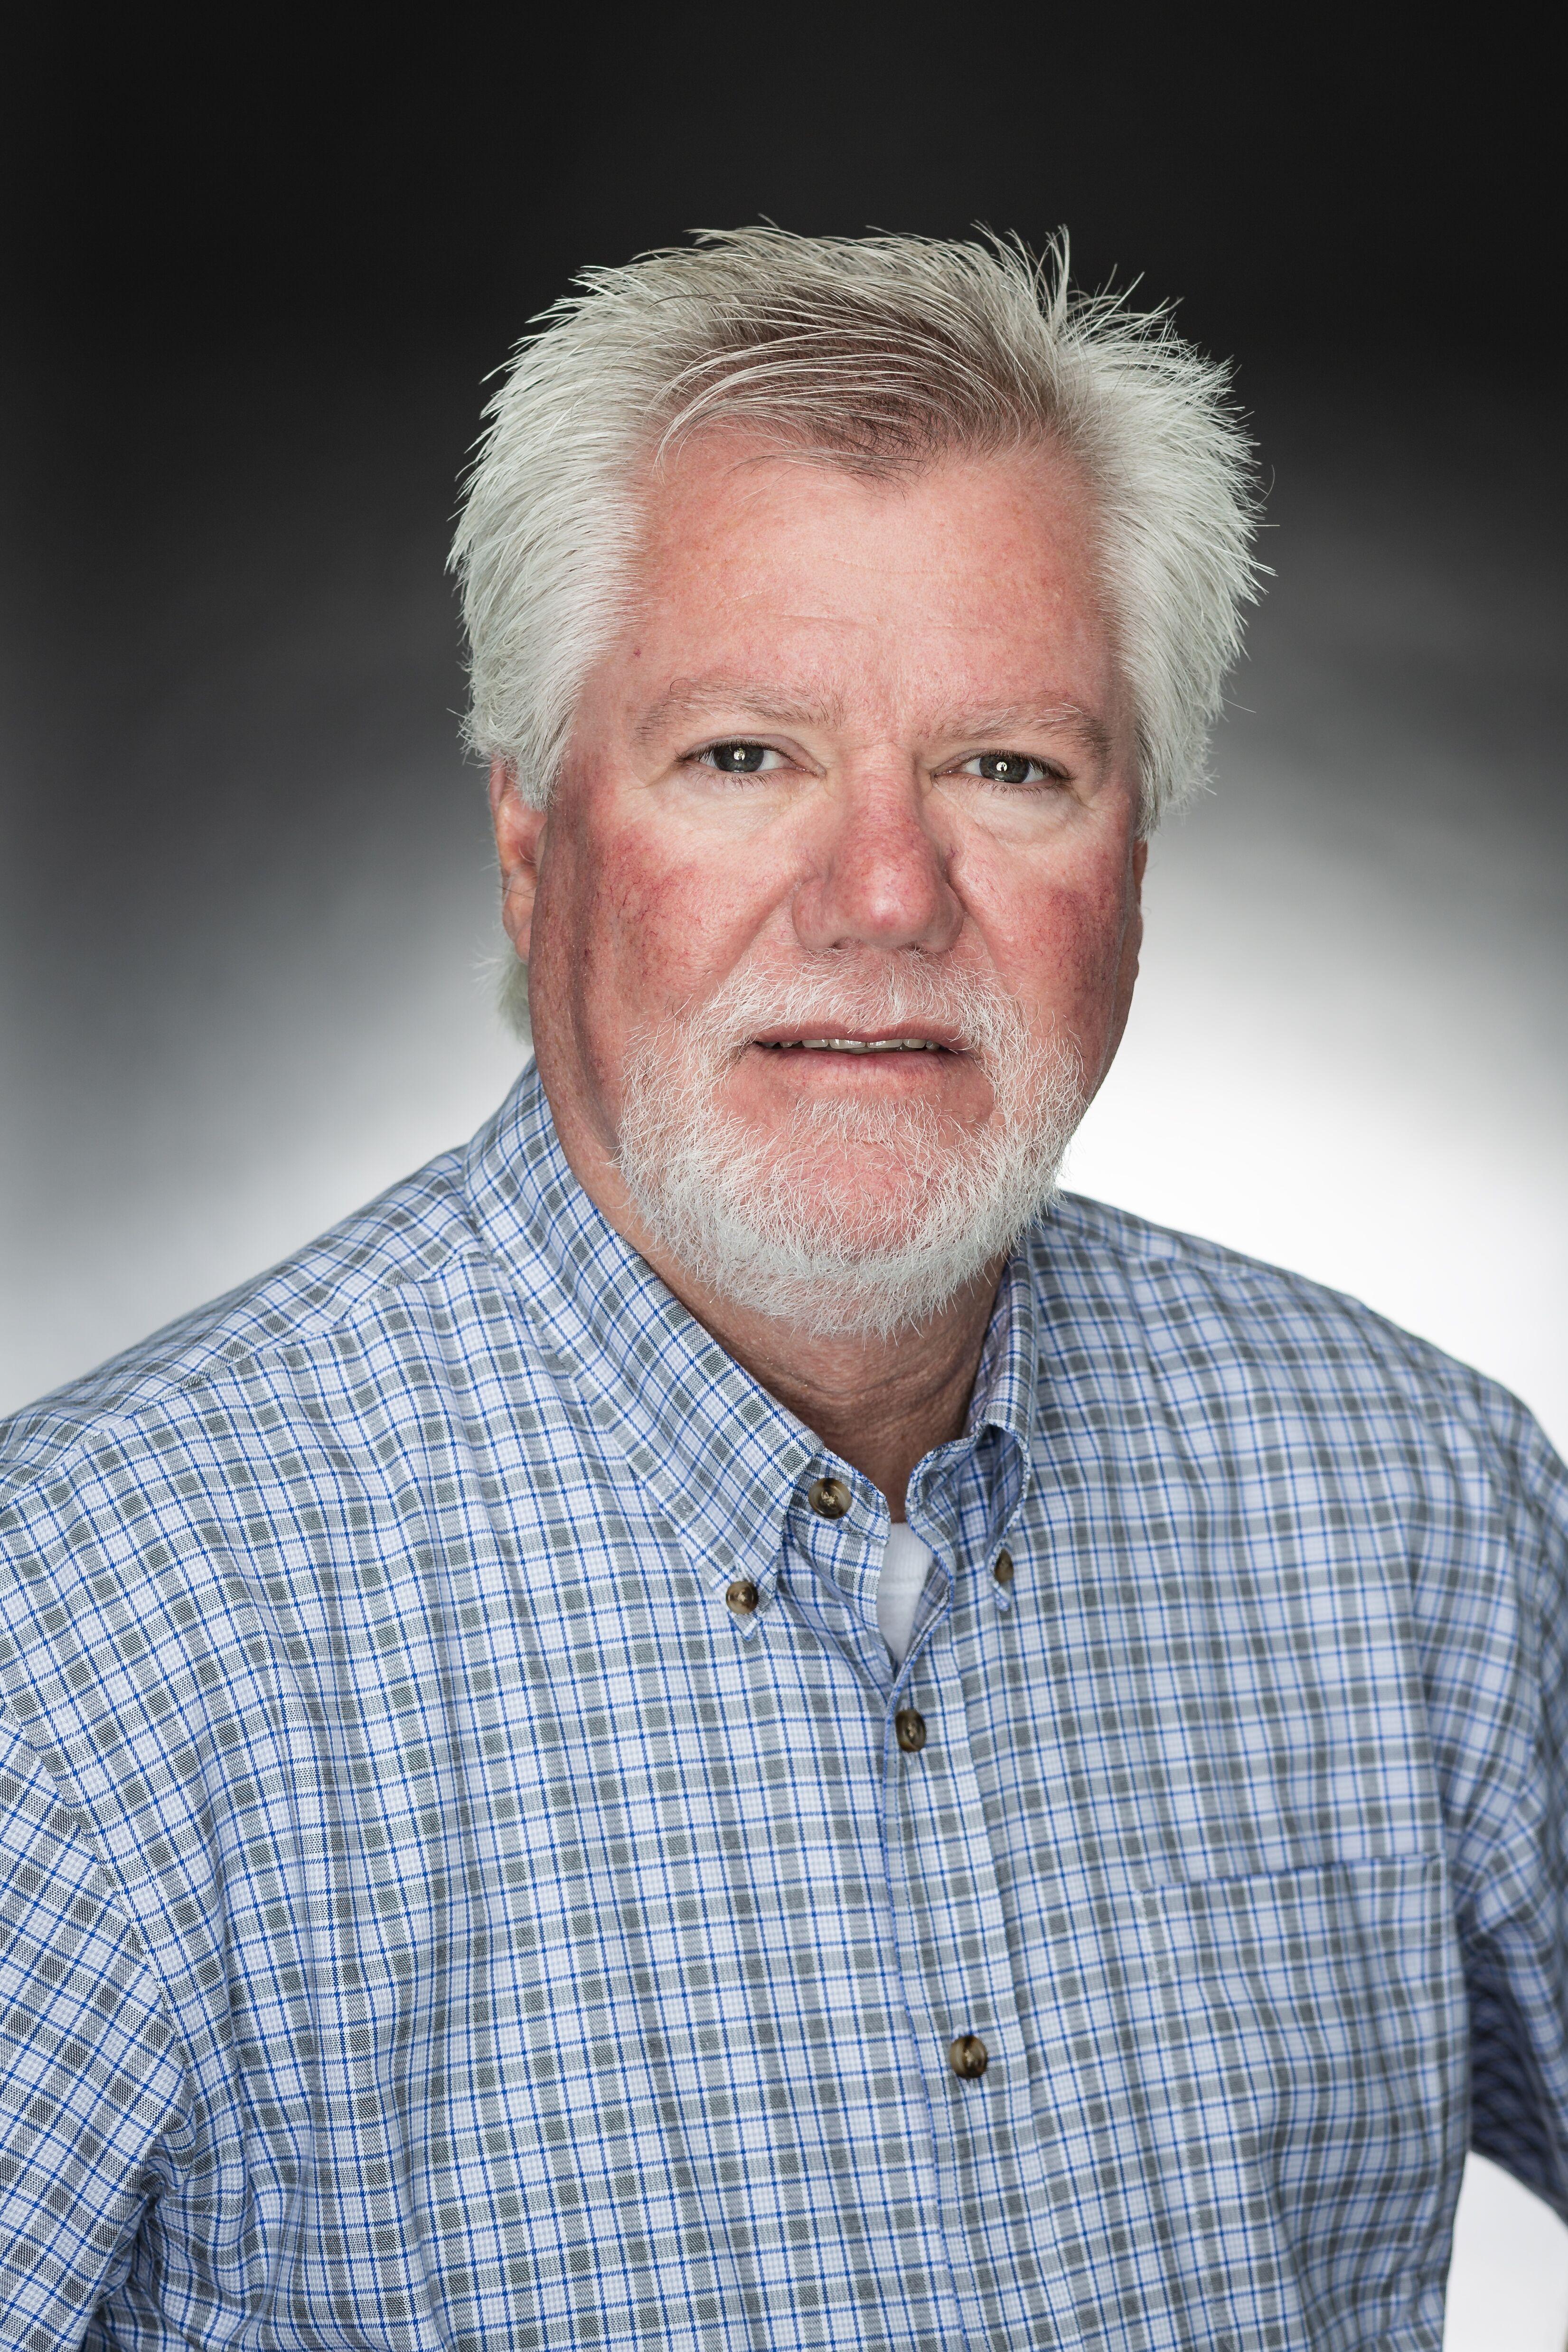 Gary Tidwell